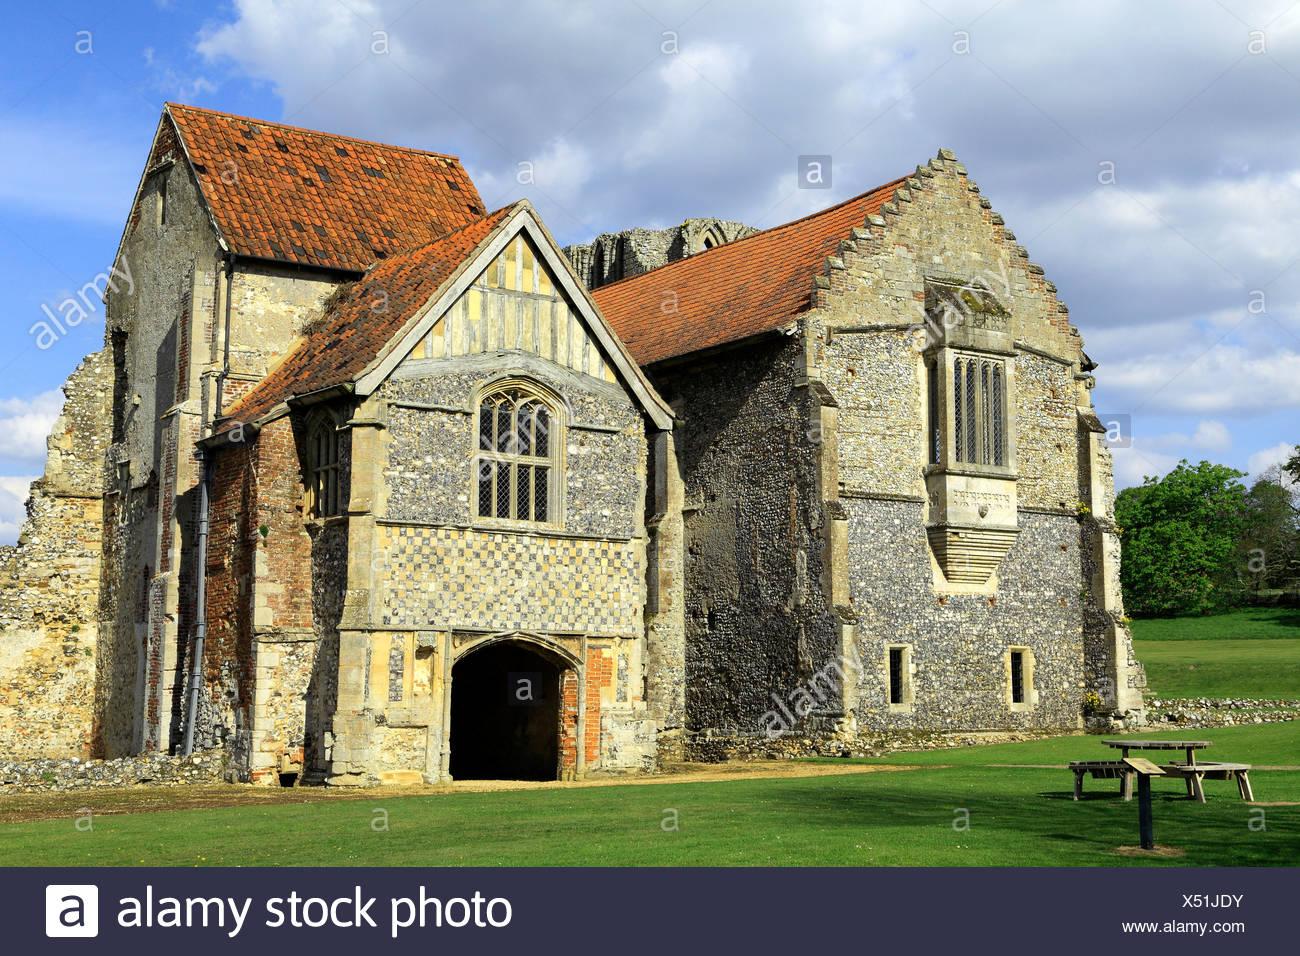 Castle Acre Prieuré, Norfolk, du logement avant, en Angleterre, Royaume-Uni, le monastère médiéval de Cluny, prieurés Anglais Photo Stock